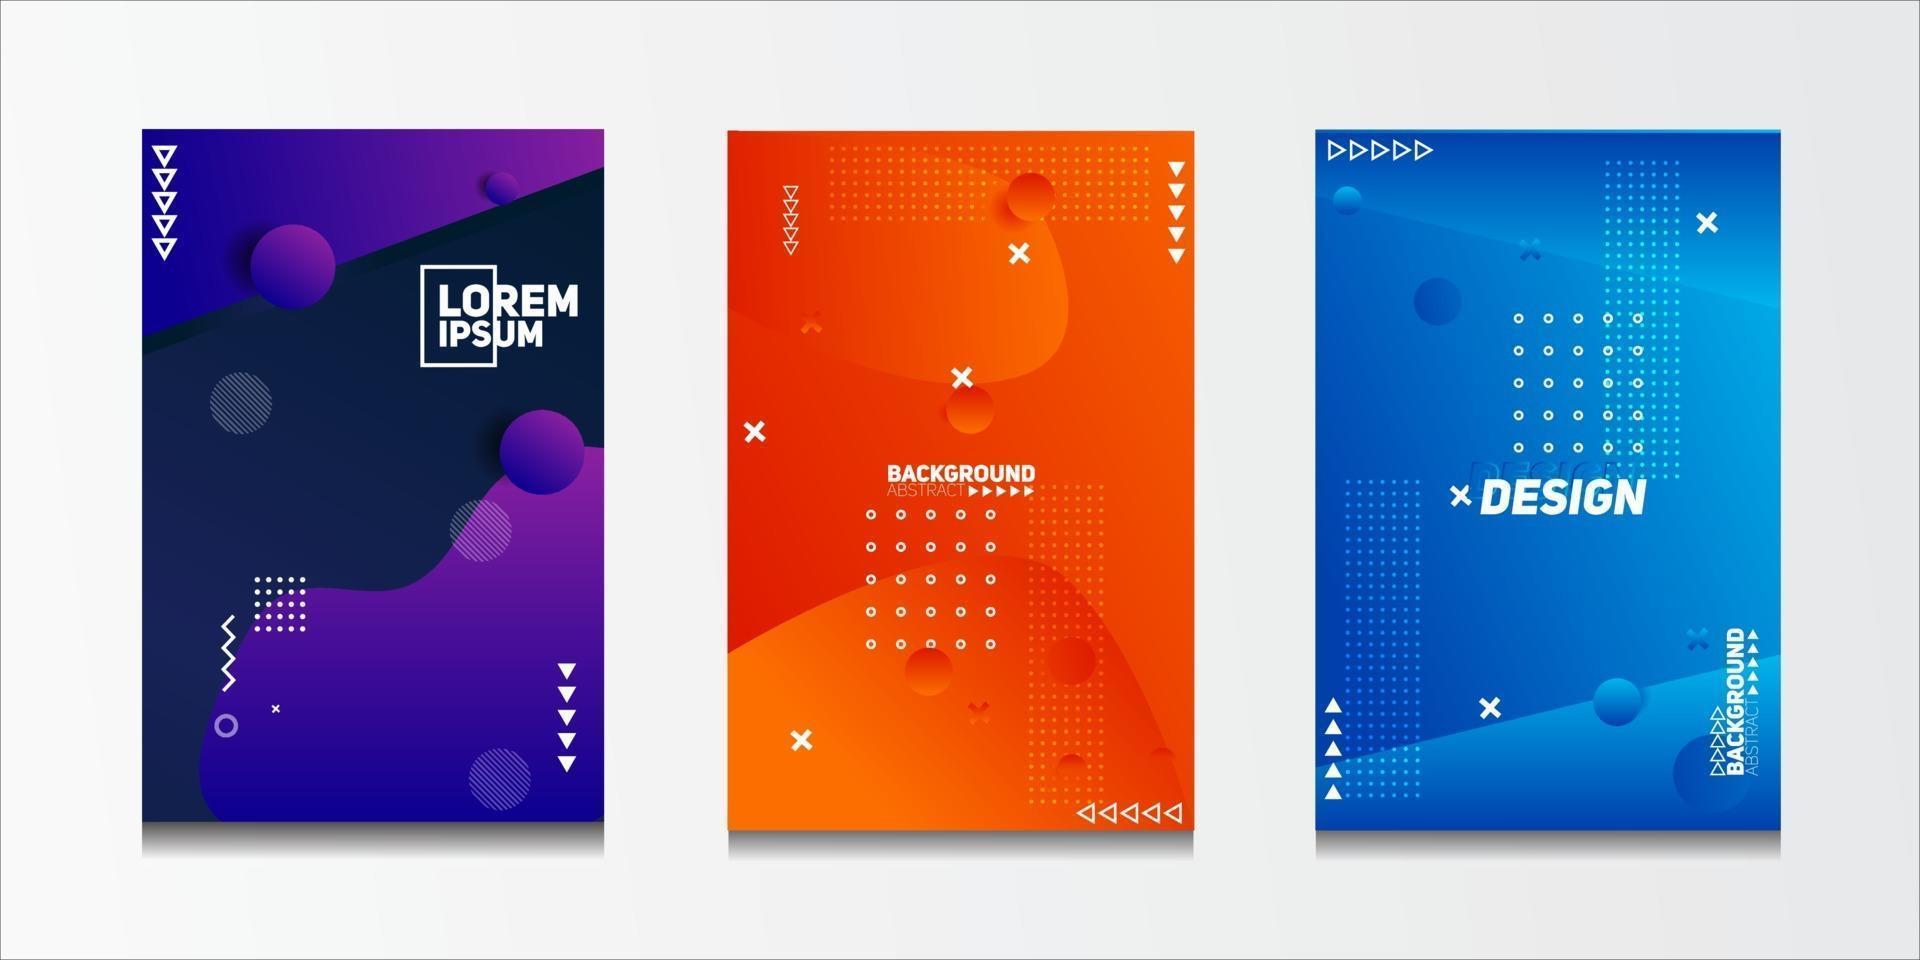 ensemble de fond de motifs géométriques abstraits avec des motifs de lignes et de demi-teintes pour les conceptions de couverture de brochure d'entreprise. vecteur